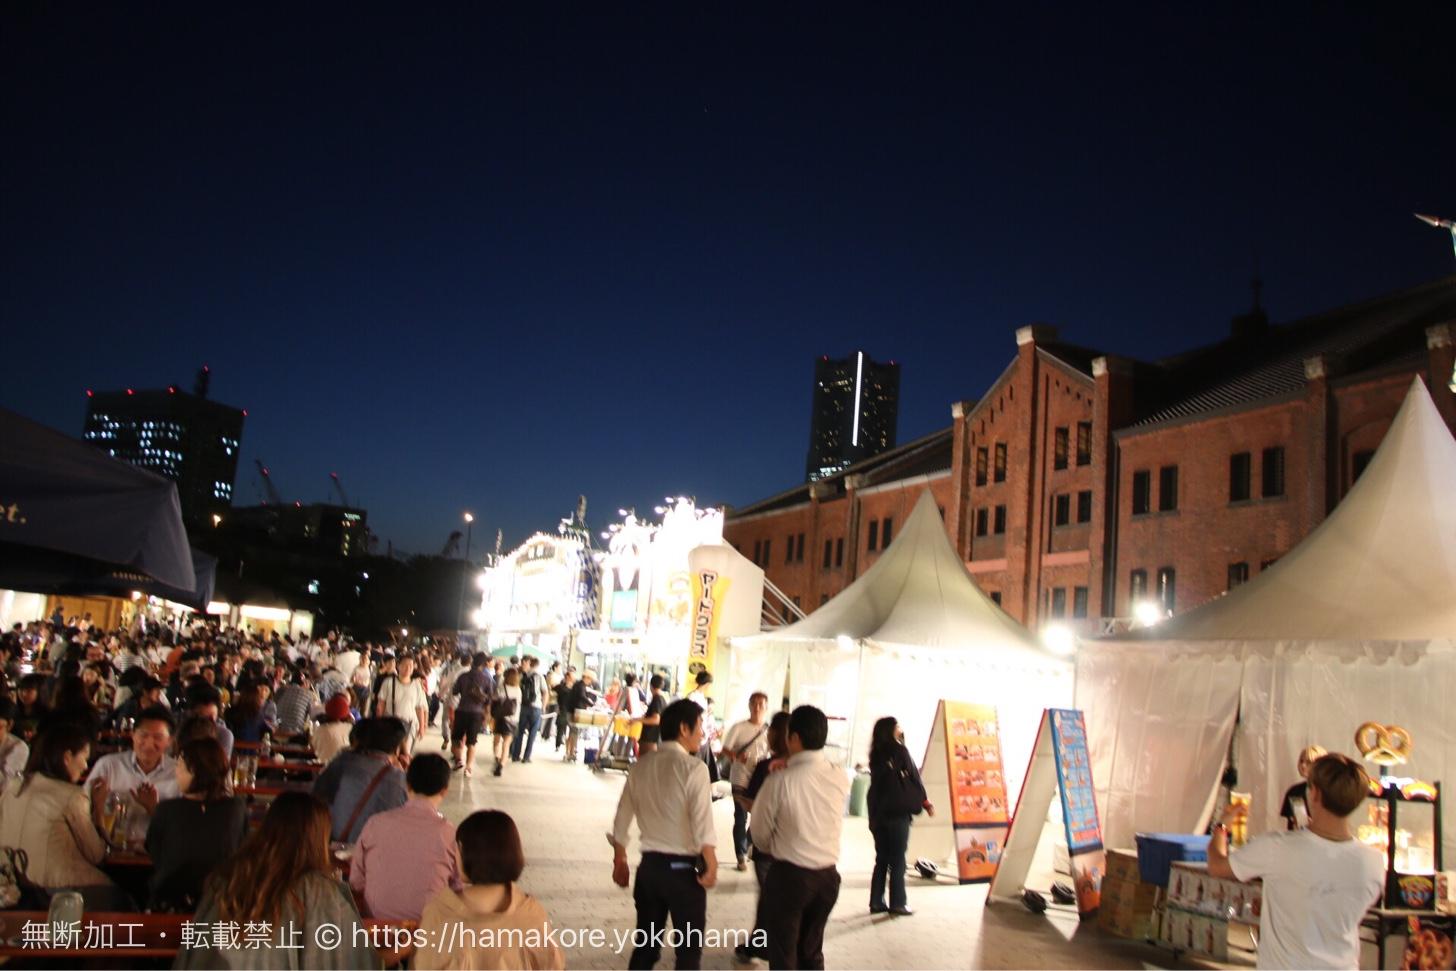 横浜オクトーバーフェスト 2017 夜の様子